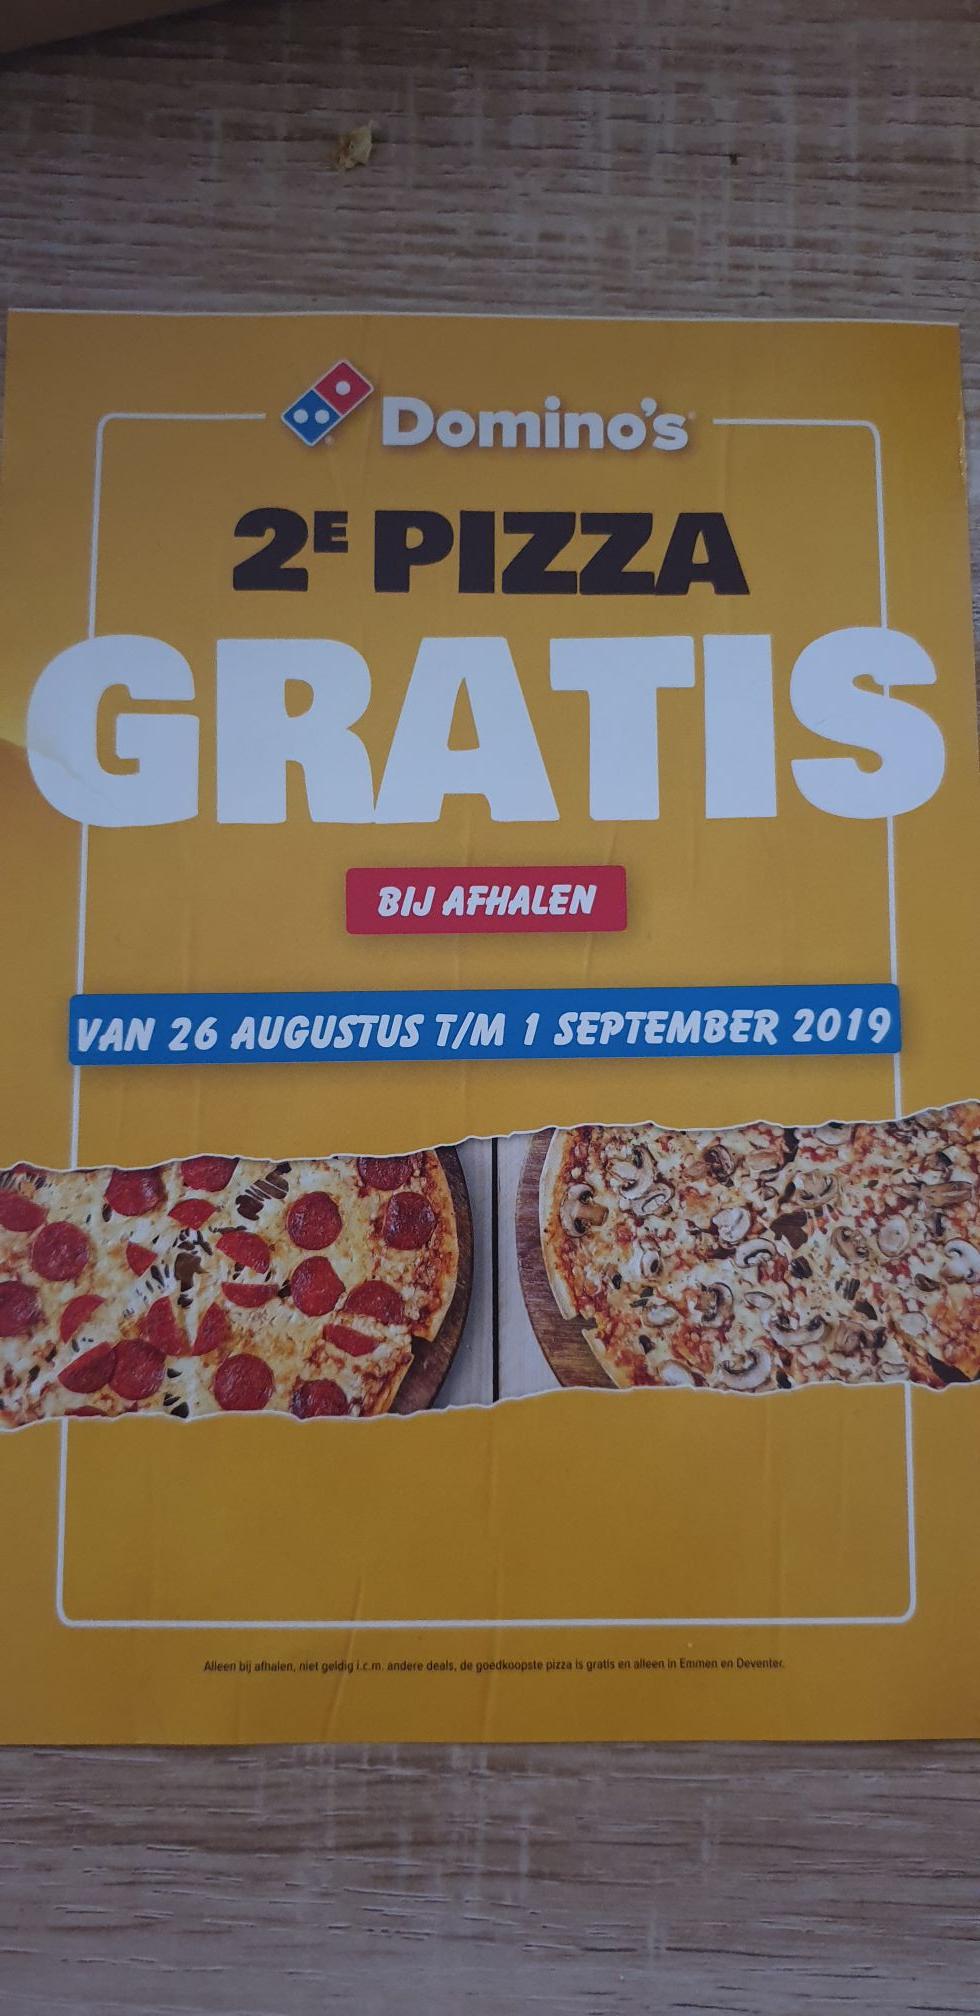 [Lokaal] 2e pizza gratis bij domino's